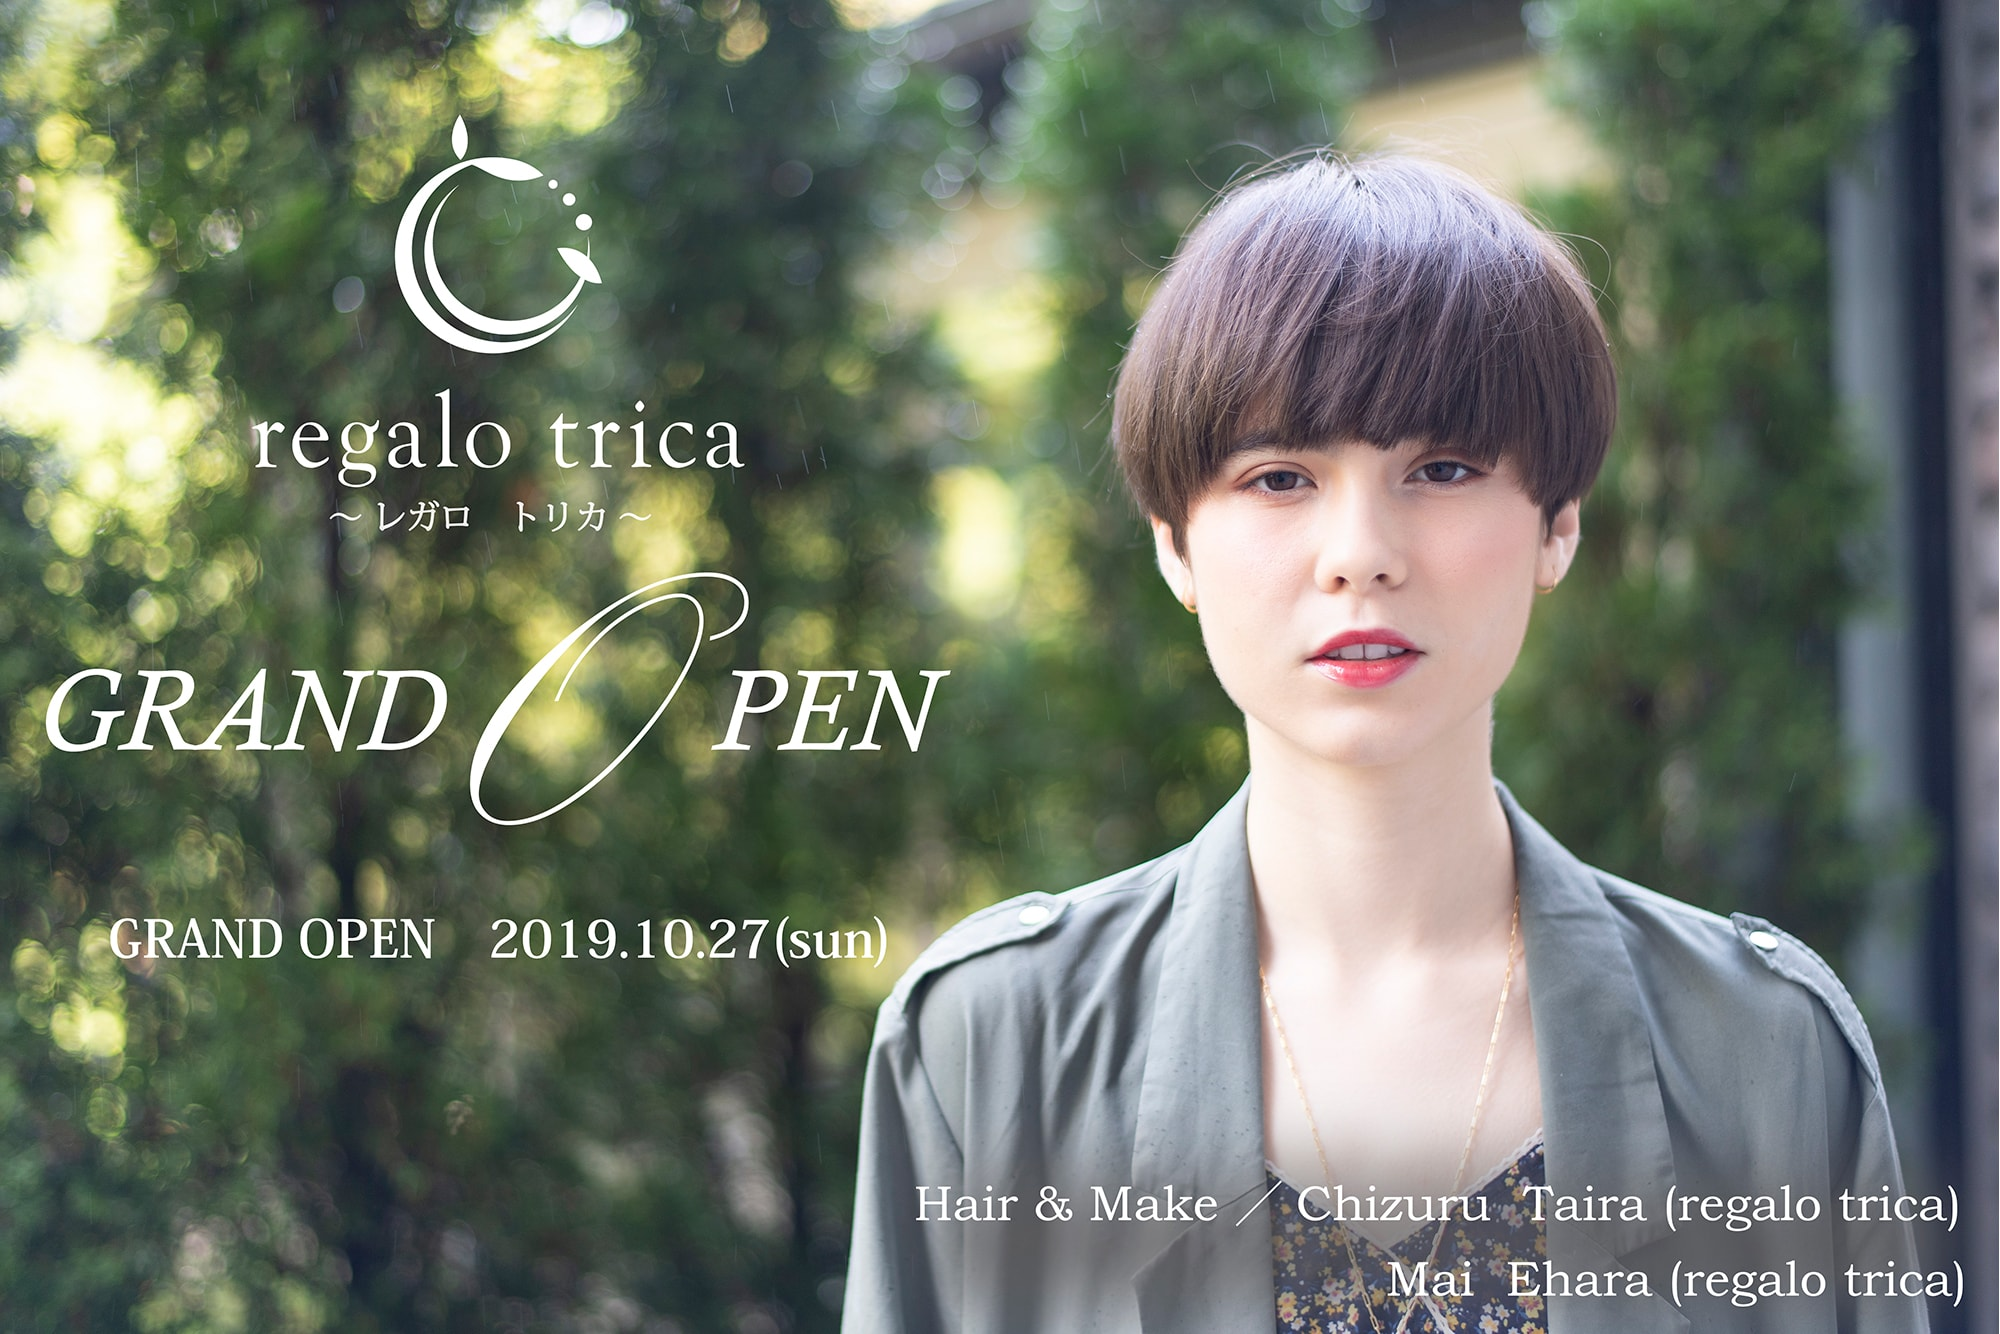 regalo trica ~レガロ トリカ~ GRAND OPEN 2019.10.27(sun)